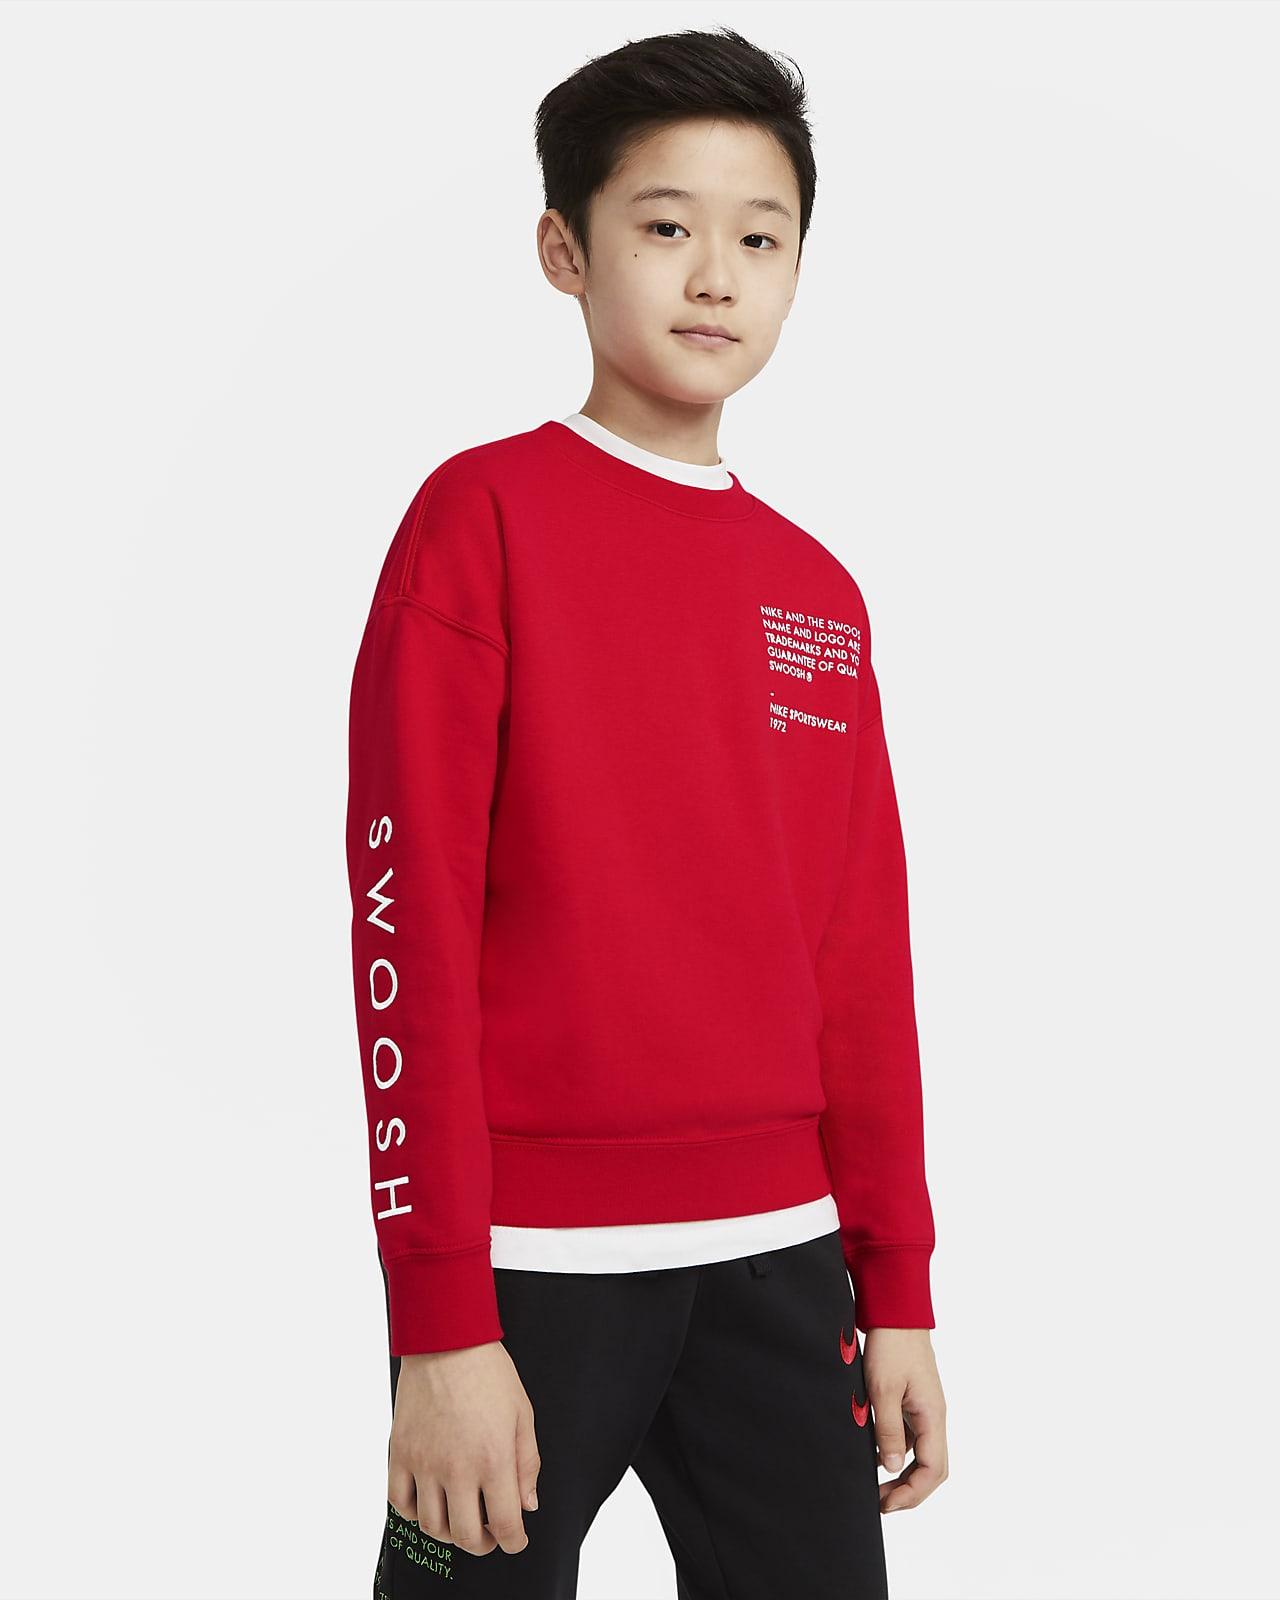 Maglia a girocollo Nike Sportswear Swoosh - Ragazzo